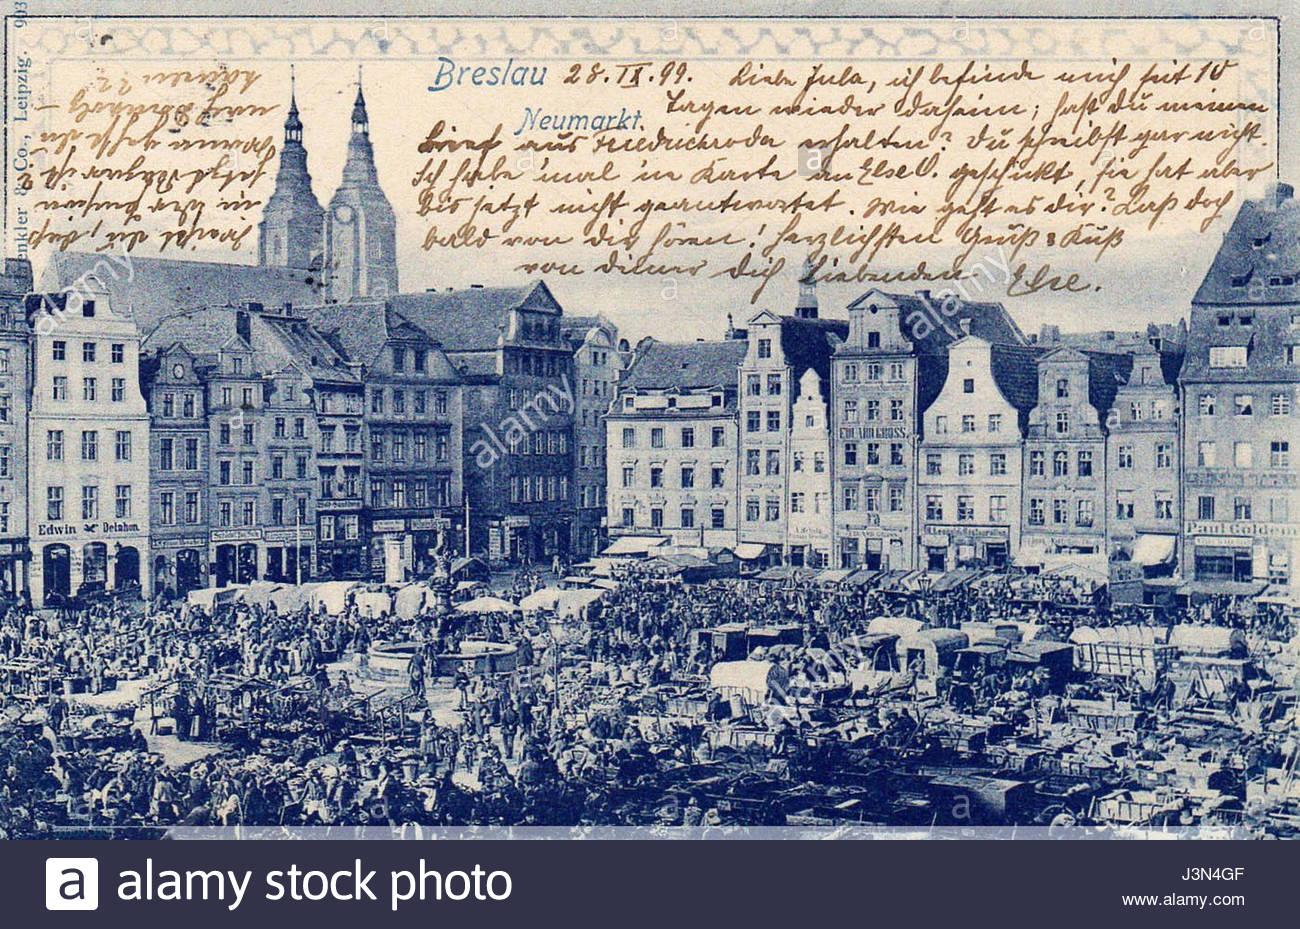 https://c8.alamy.com/comp/J3N4GF/german-city-breslau-wroclaw-on-vintage-postcard-at-the-turn-of-the-J3N4GF.jpg